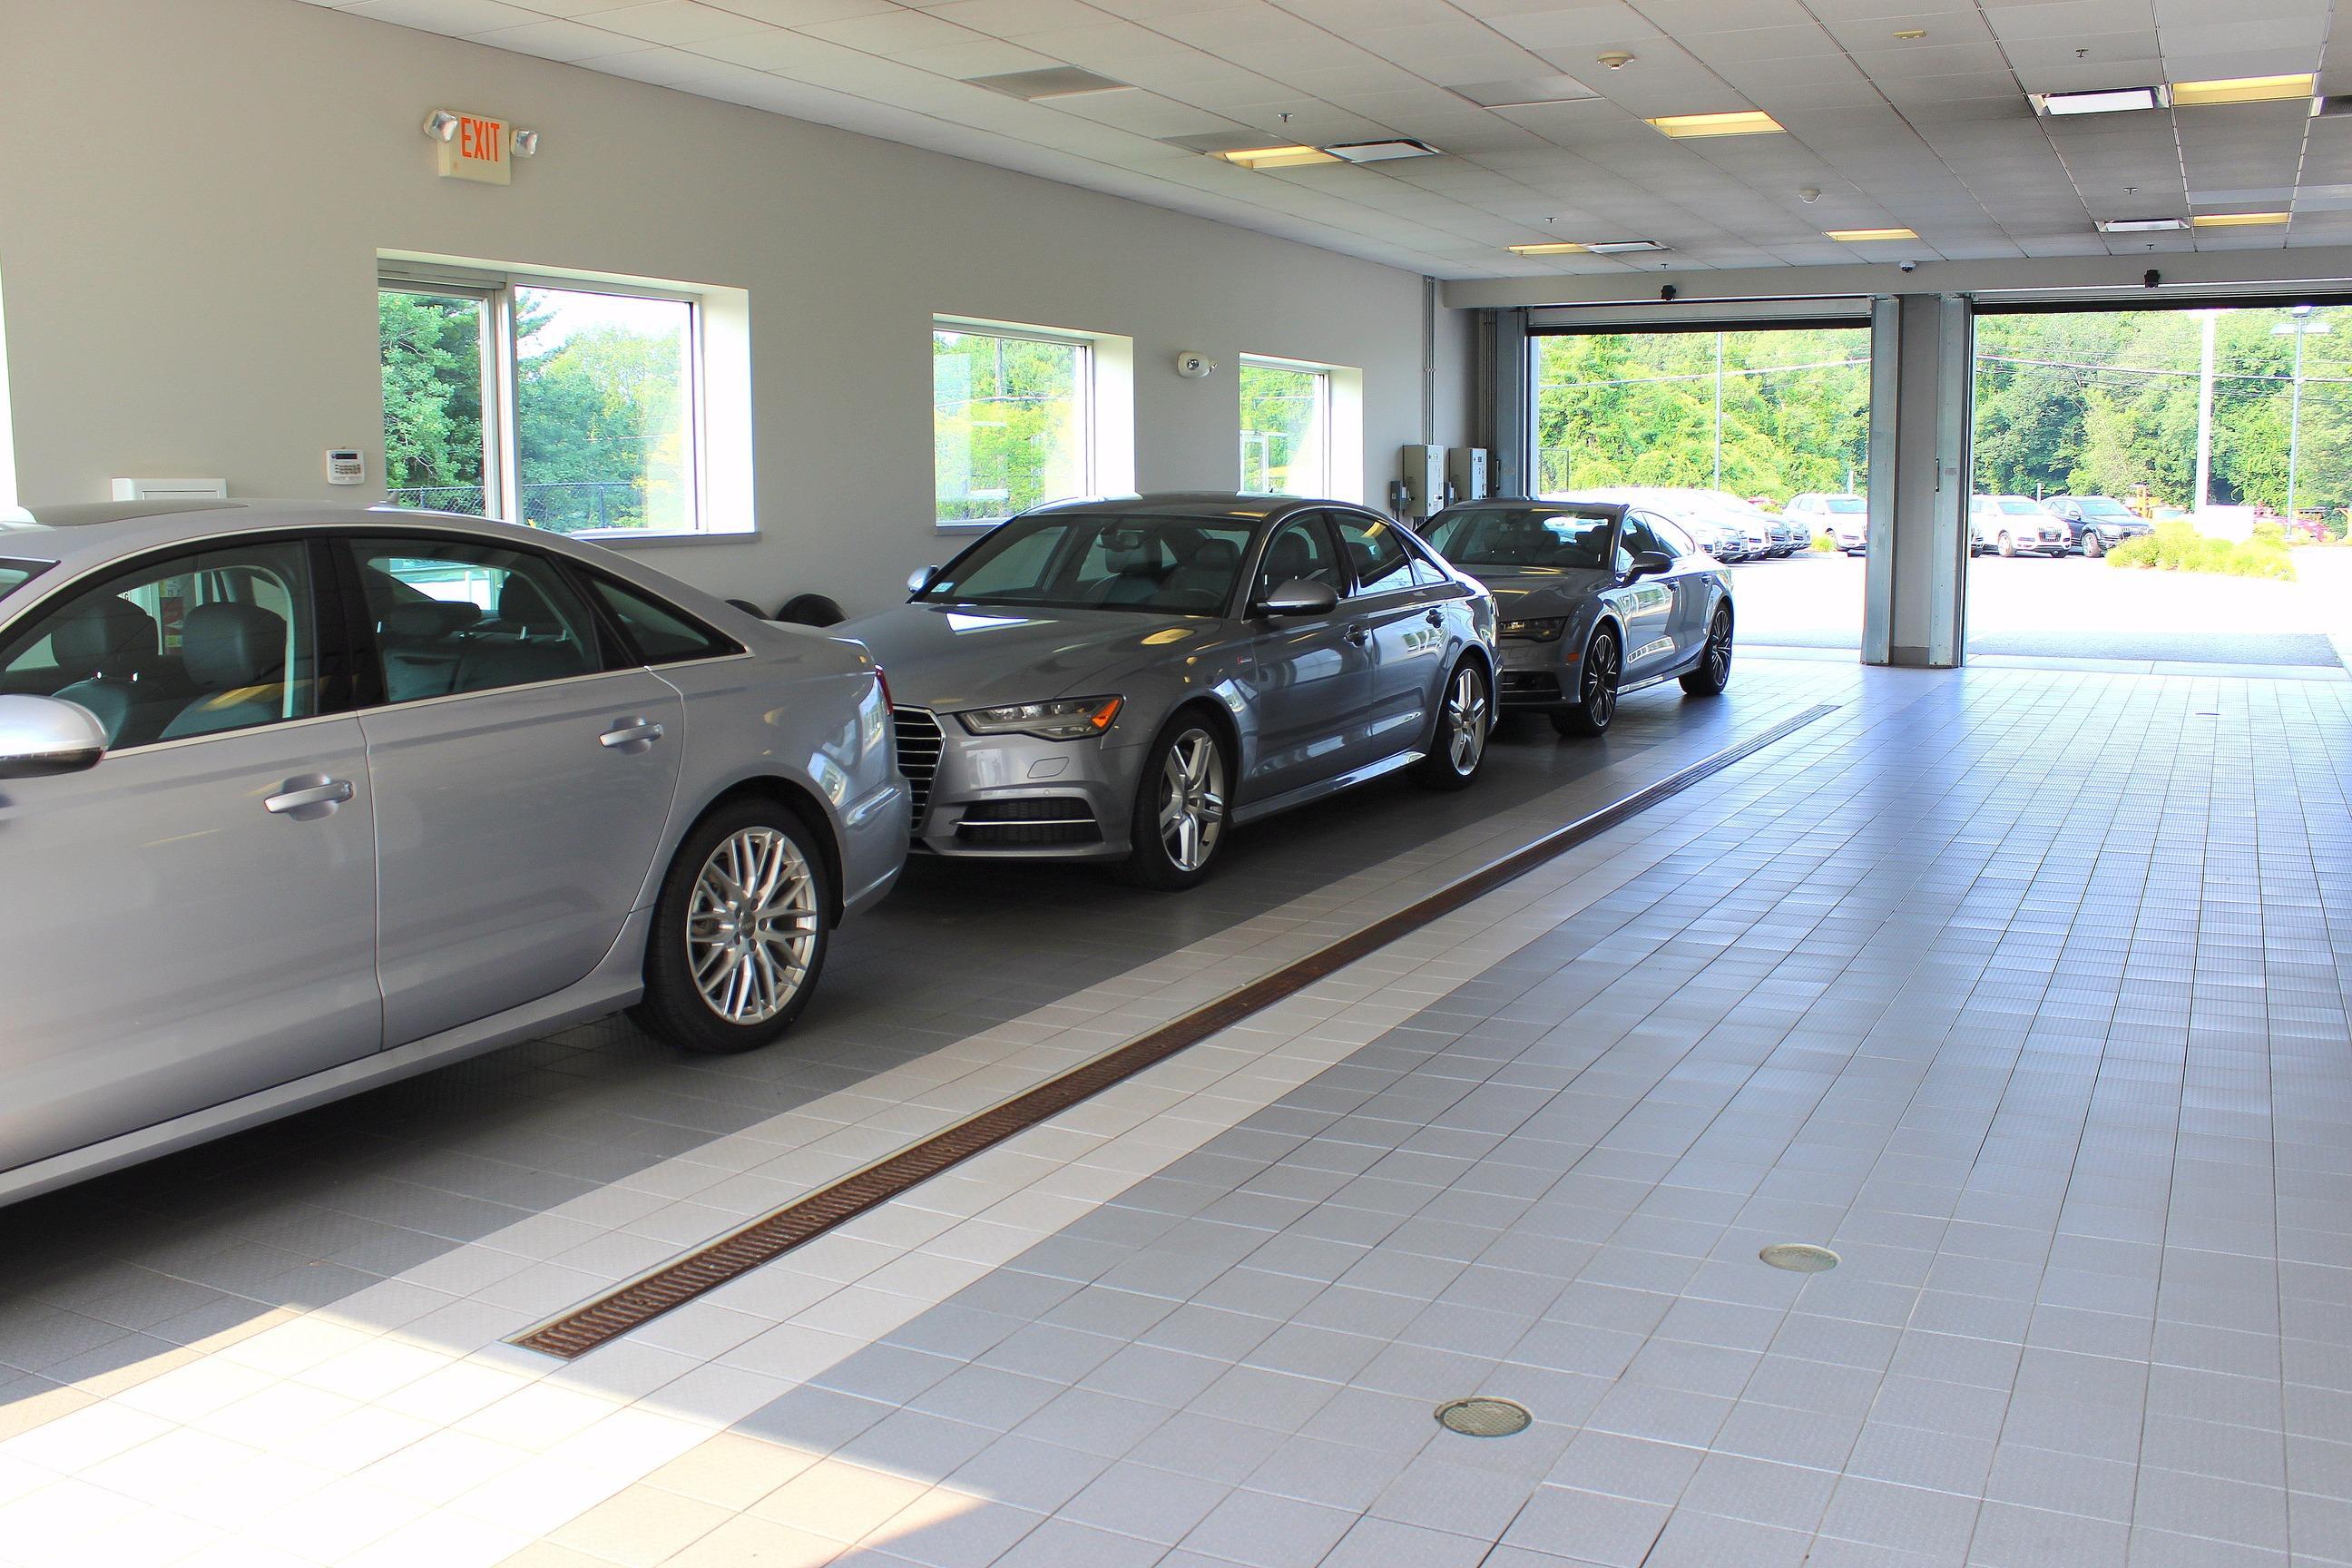 Audi Burlington image 7